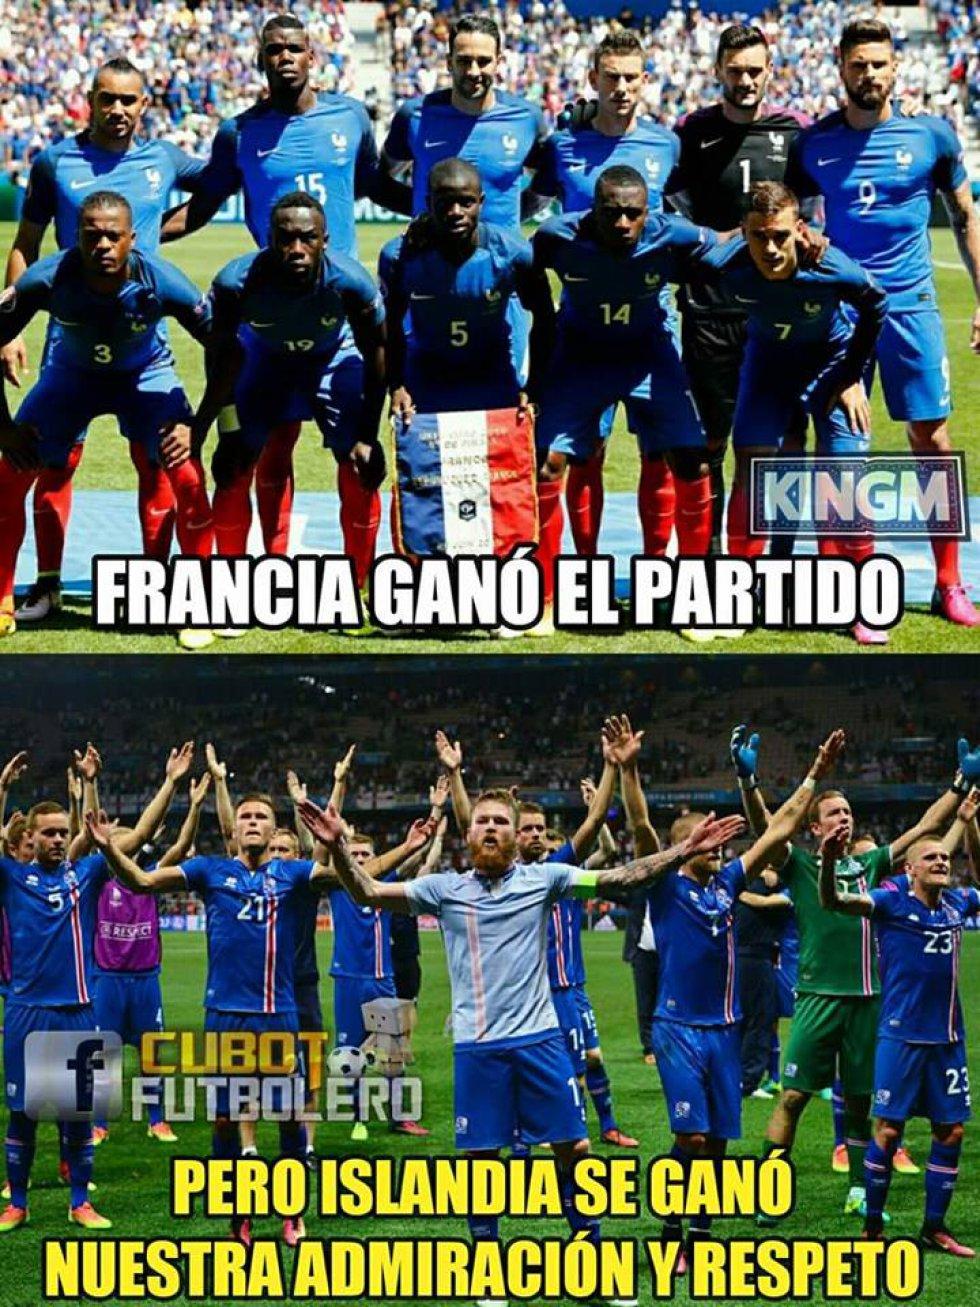 Los mejores memes del pase de Francia a semifinales de la Eurocopa